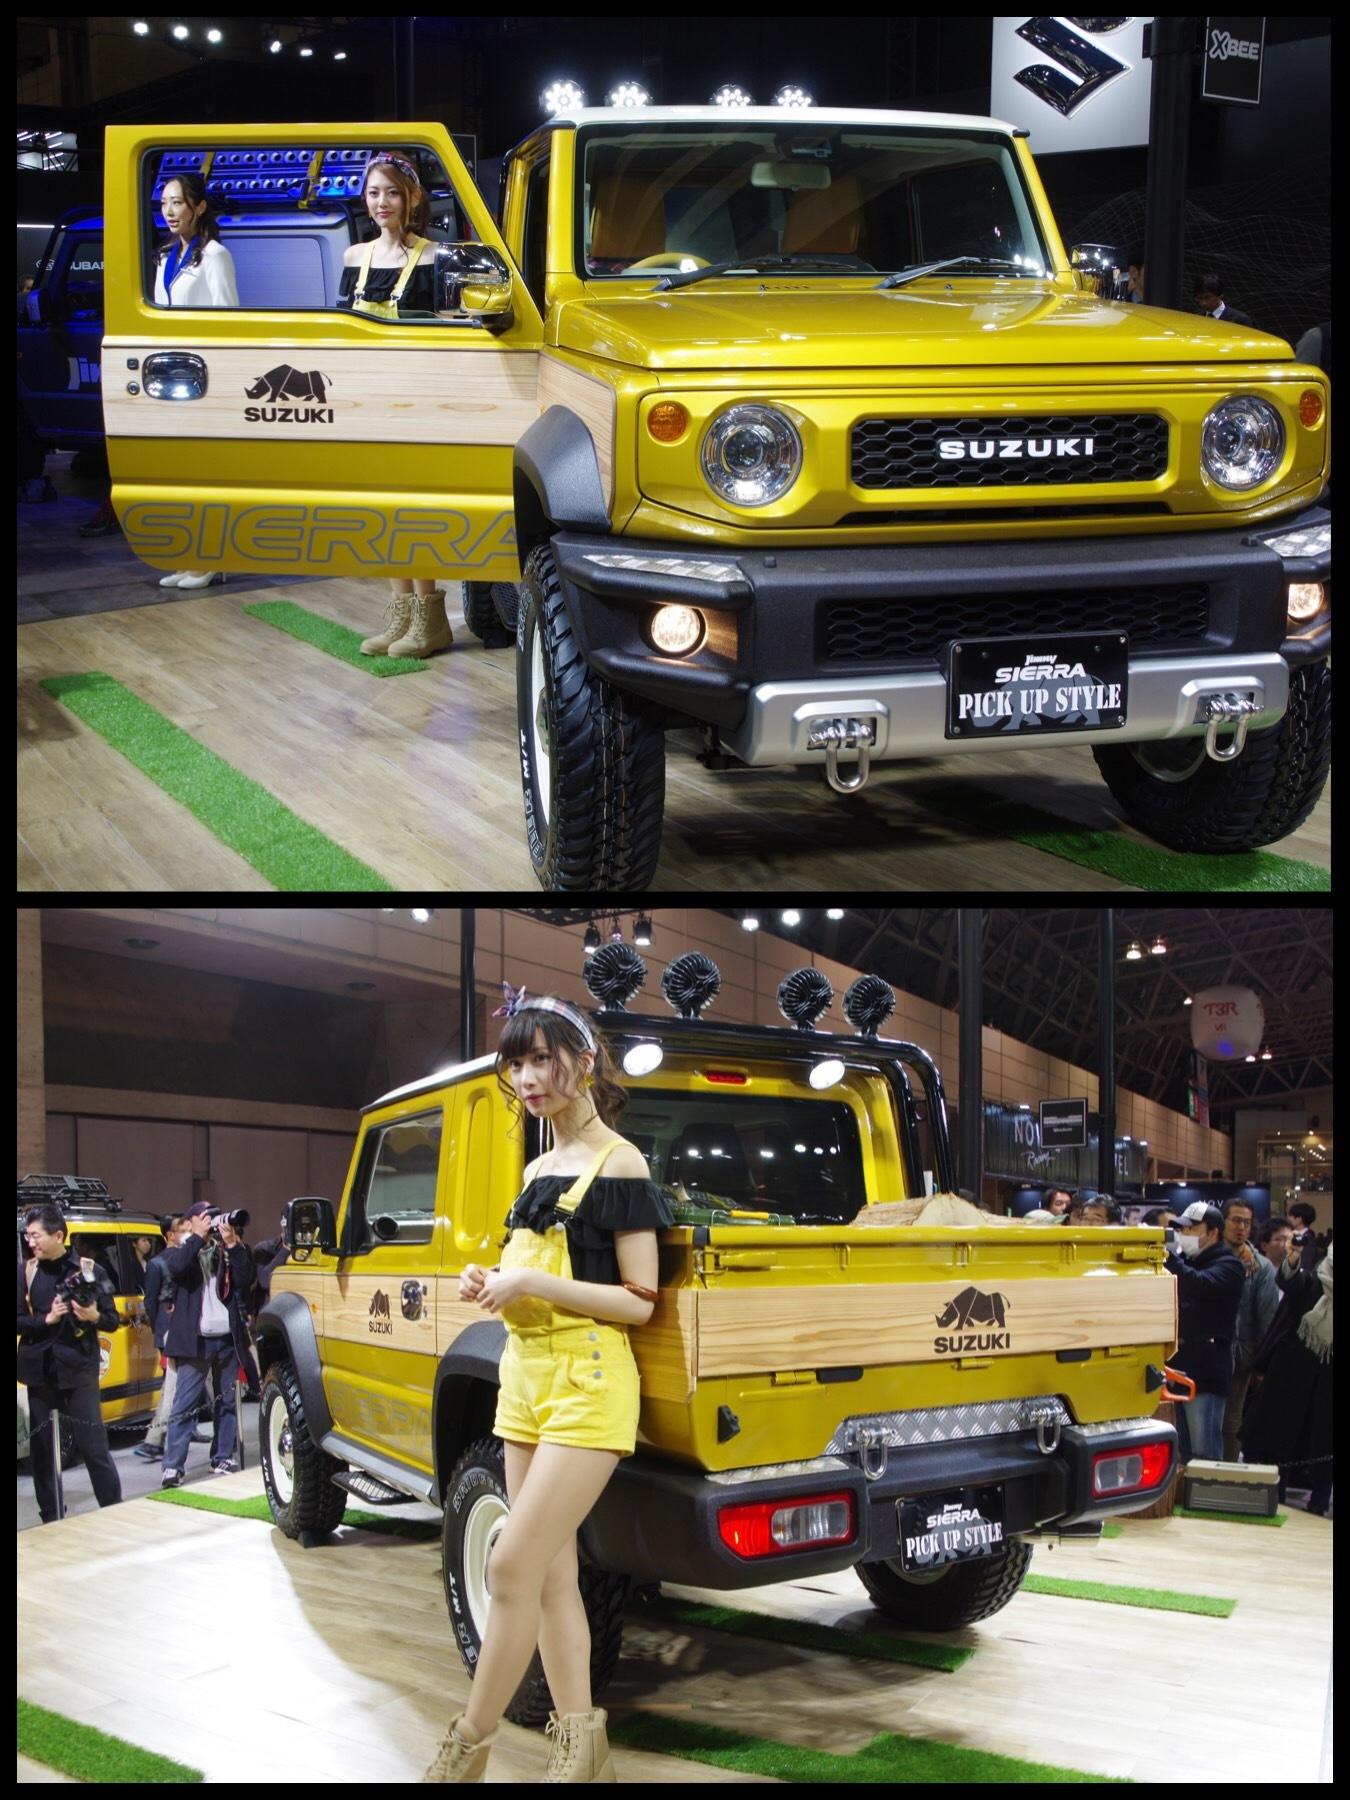 東京オートサロン2019 スズキ ジムニーシエラピックアップトラック